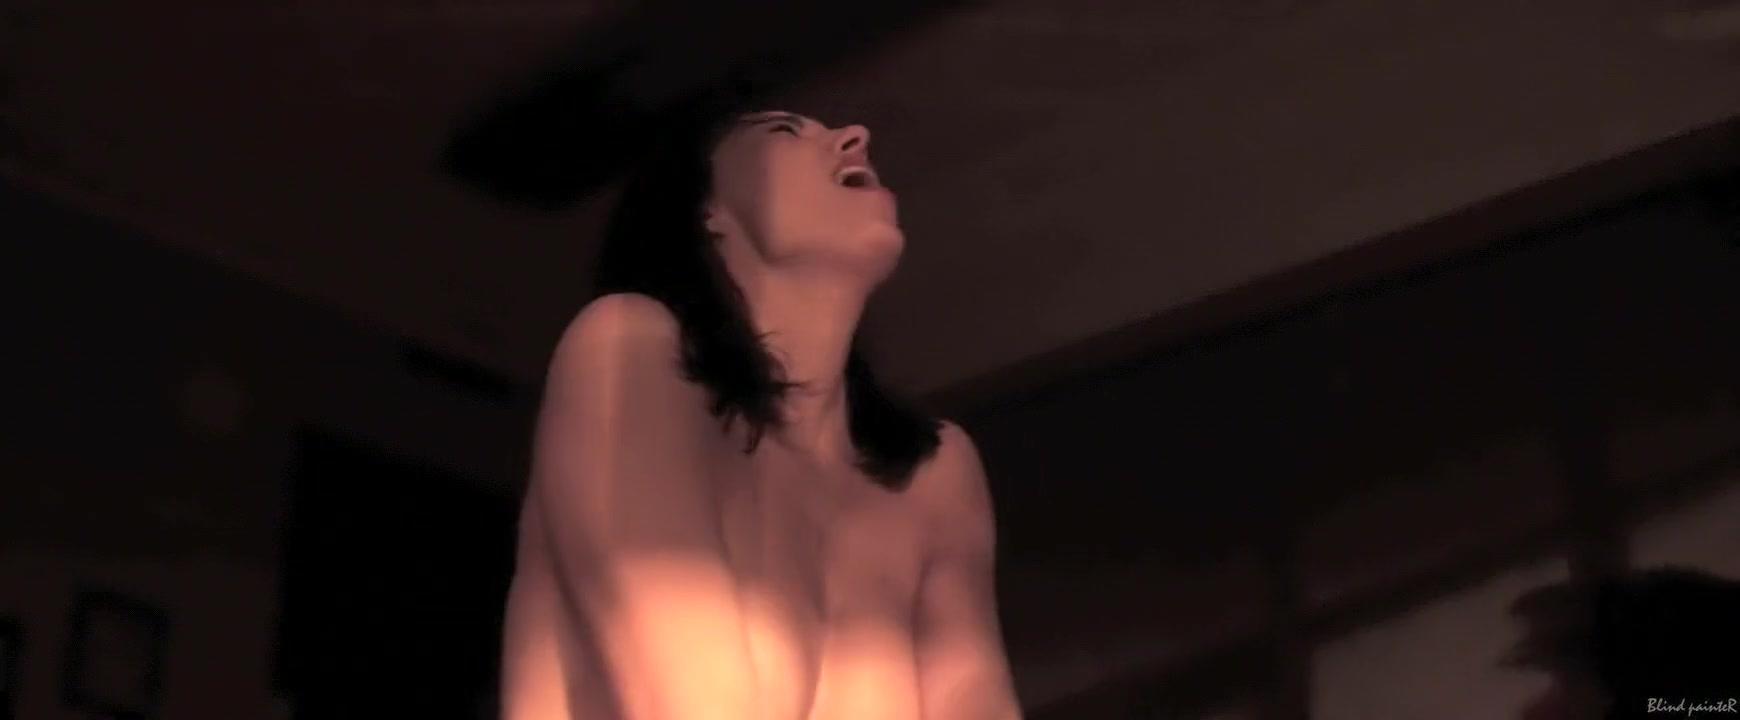 Porn FuckBook Free webcam porn com